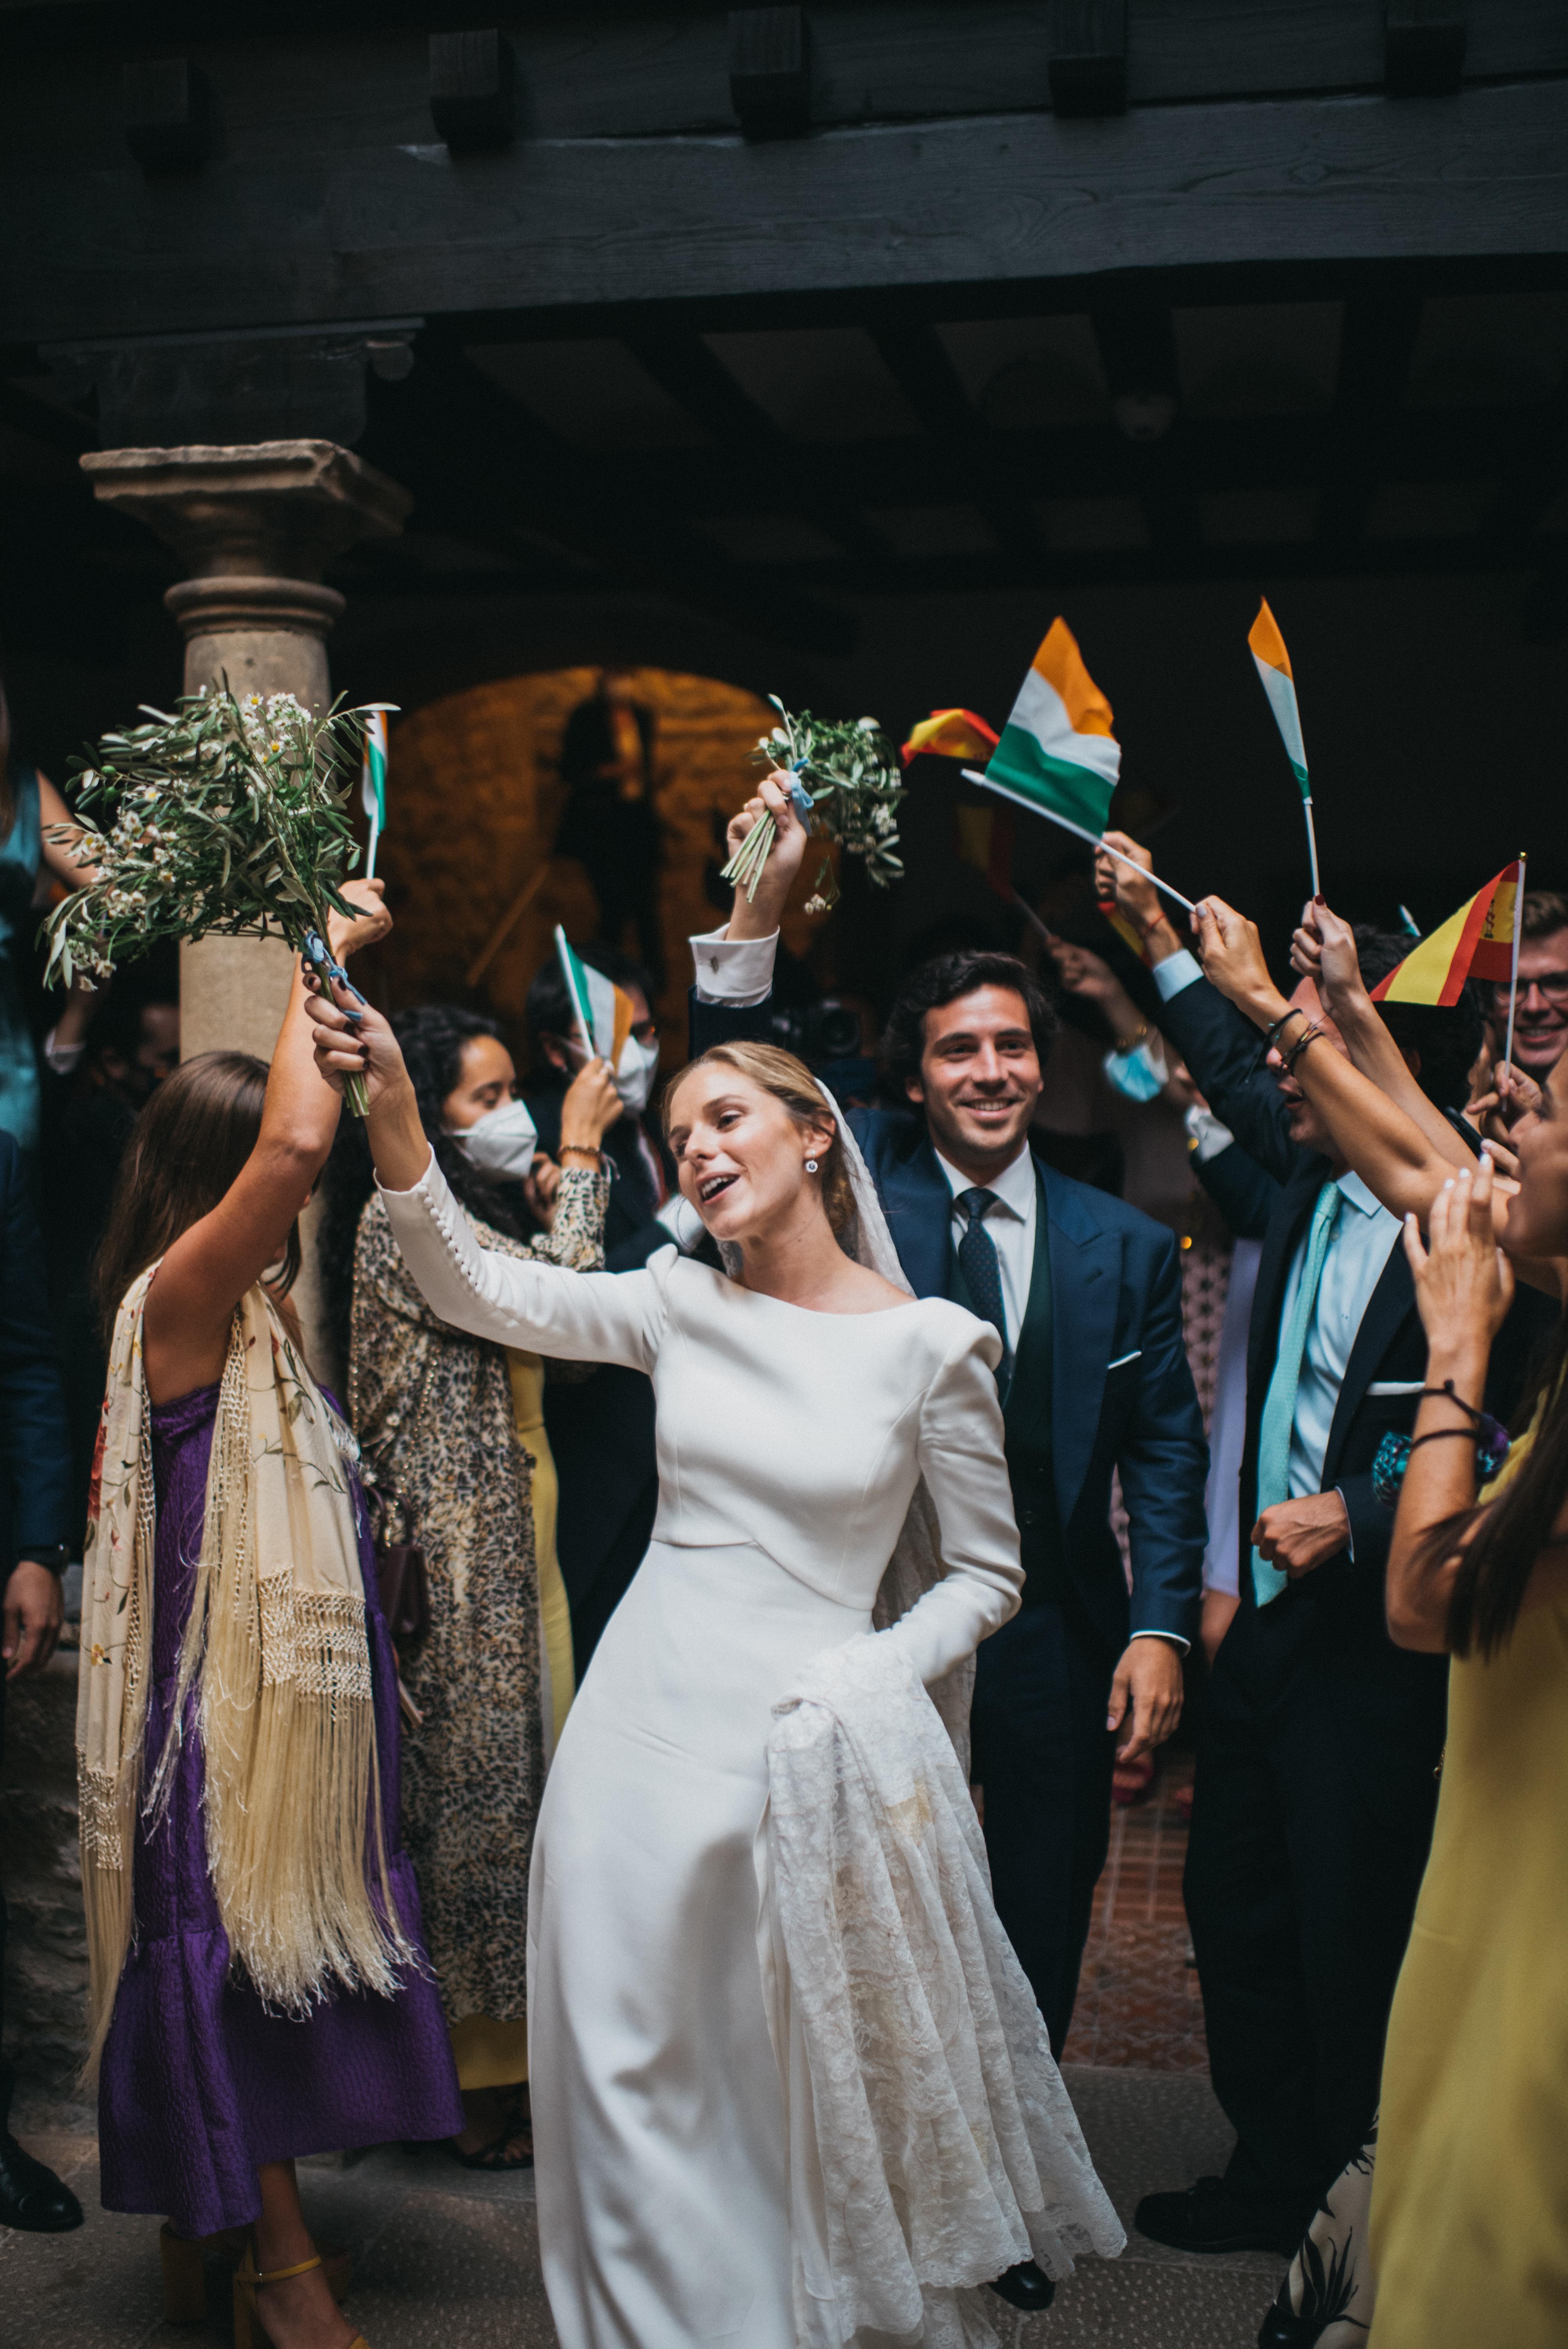 La boda de Elieen II